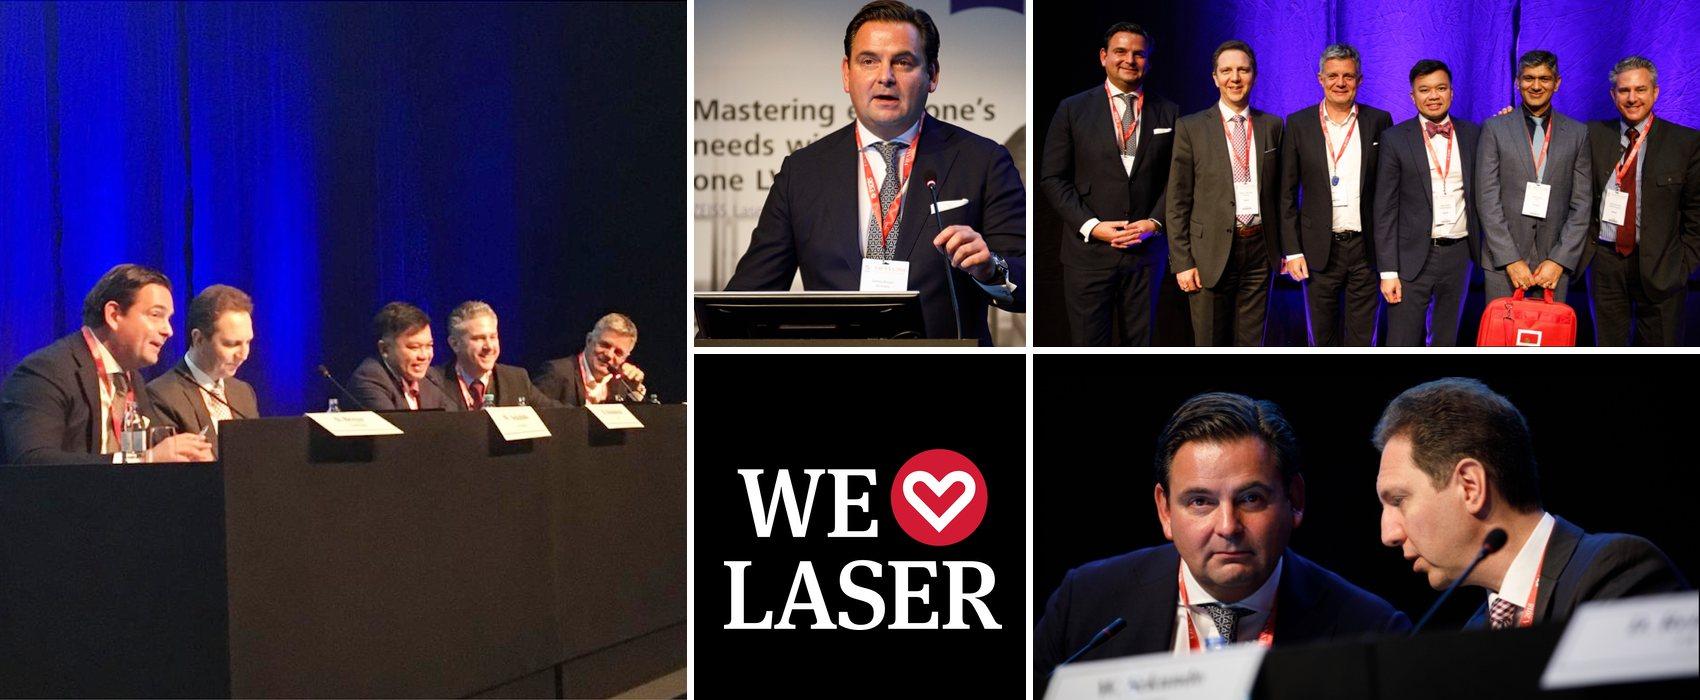 Collage aus Fotos vom ESCRS-Meeting mit Dr. Breyer als Moderator und Redner.